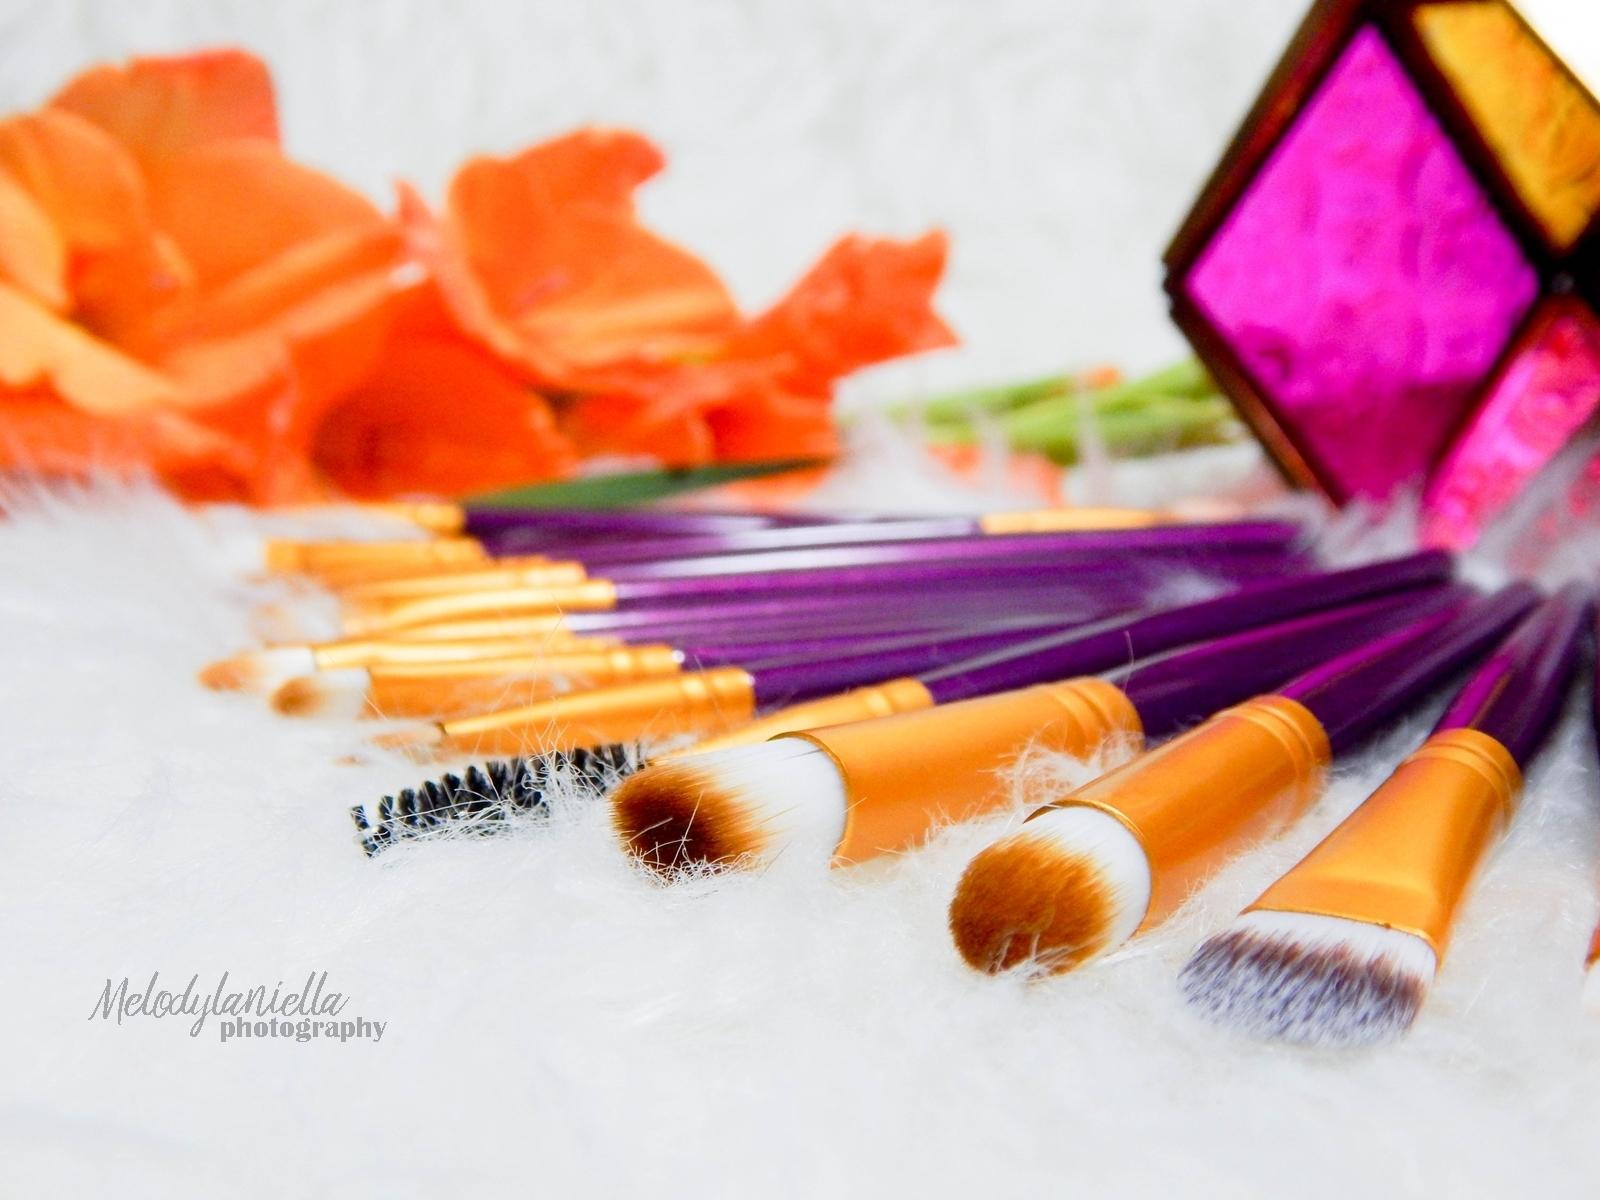 006 pędzle gamiss do makijażu makeupbrushes melodylaniella beauty fashion style haul prezenty ciekawe chińskie zakupy